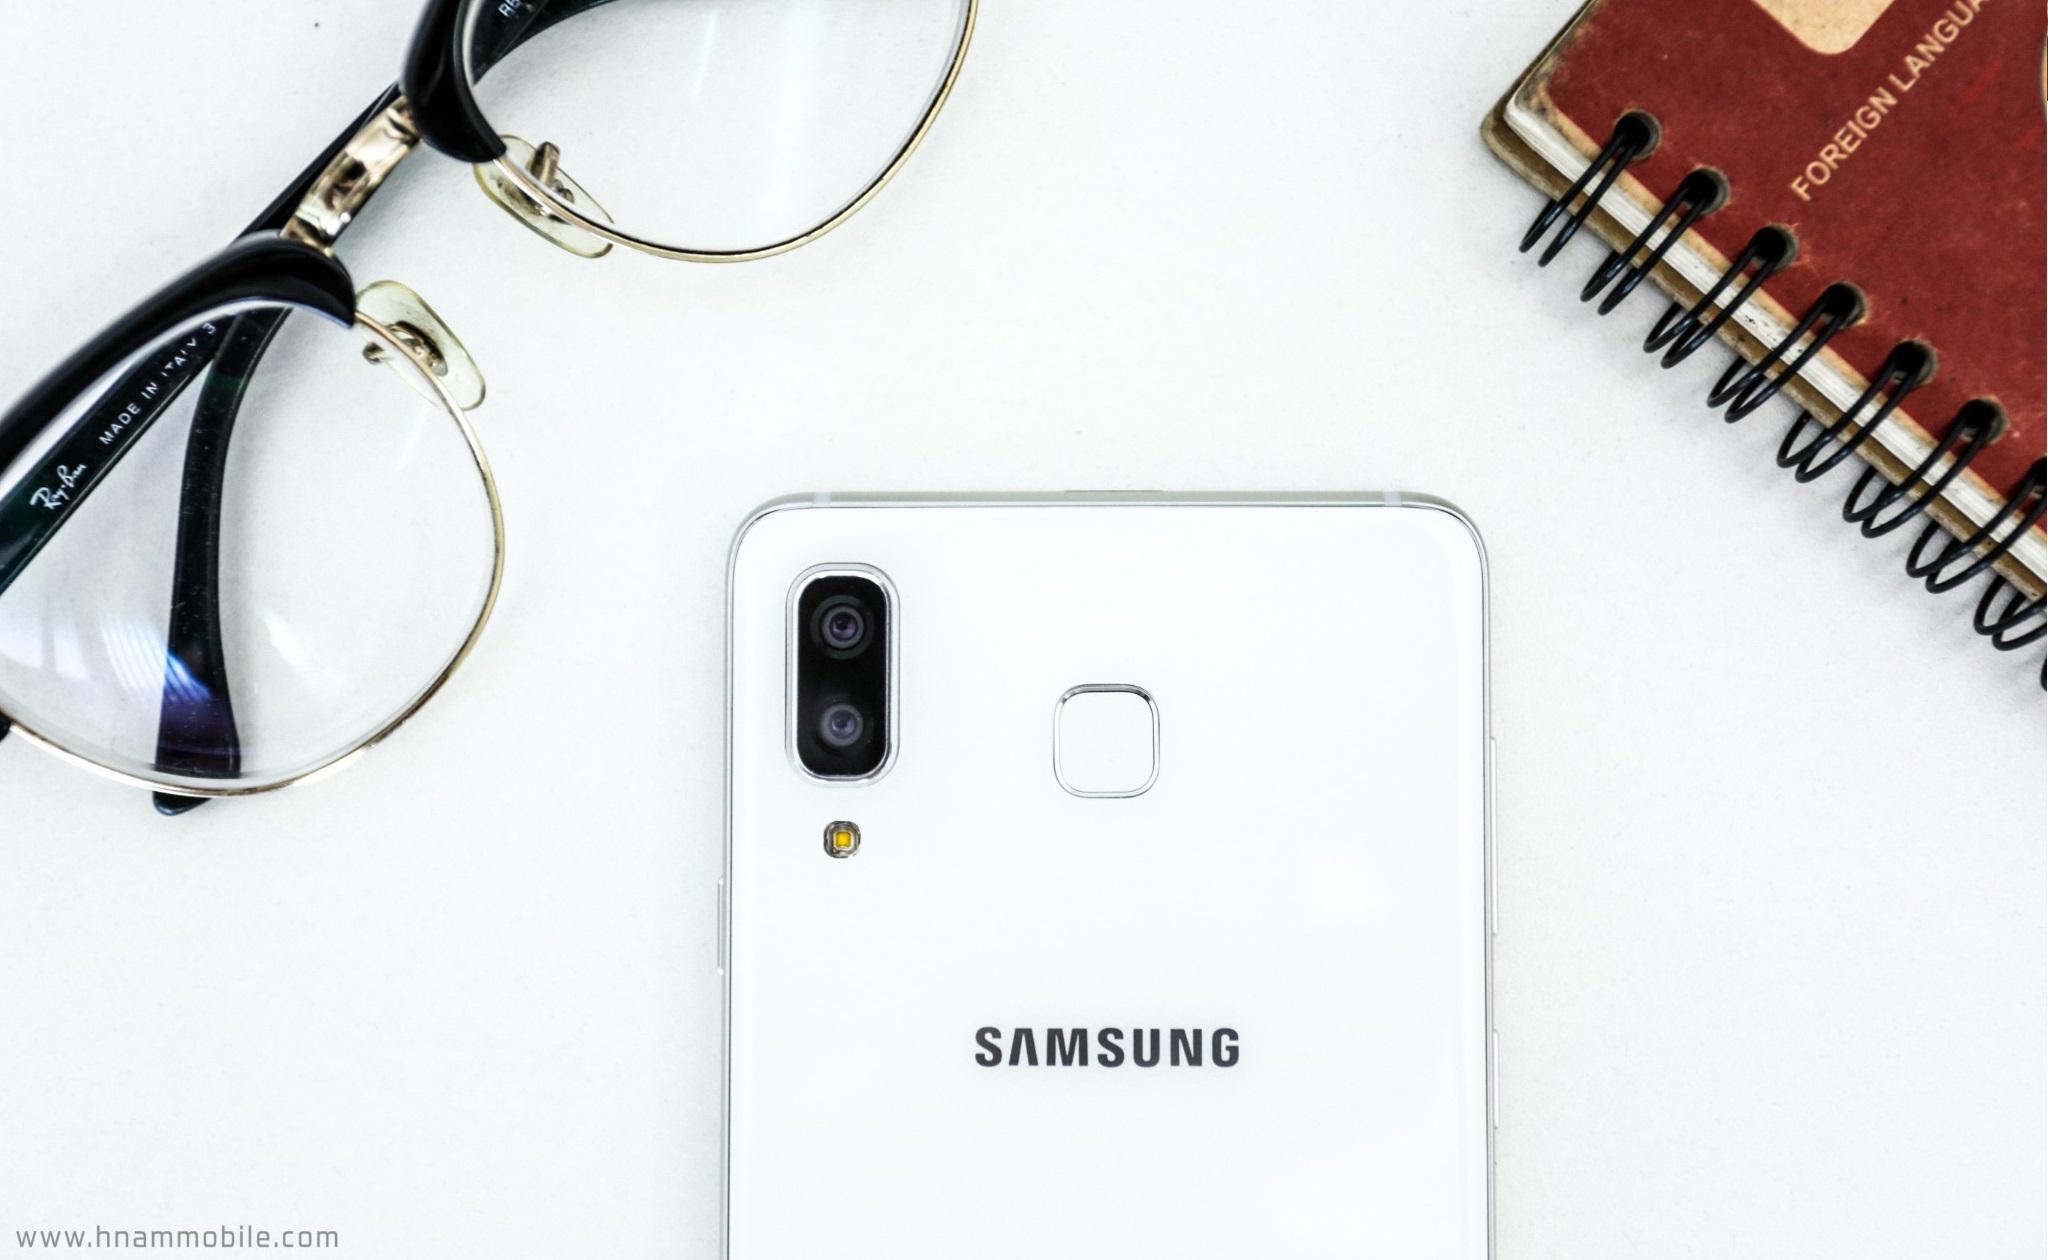 Đập hộp Galaxy A8 Star chính hãng tại Việt Nam hình 1